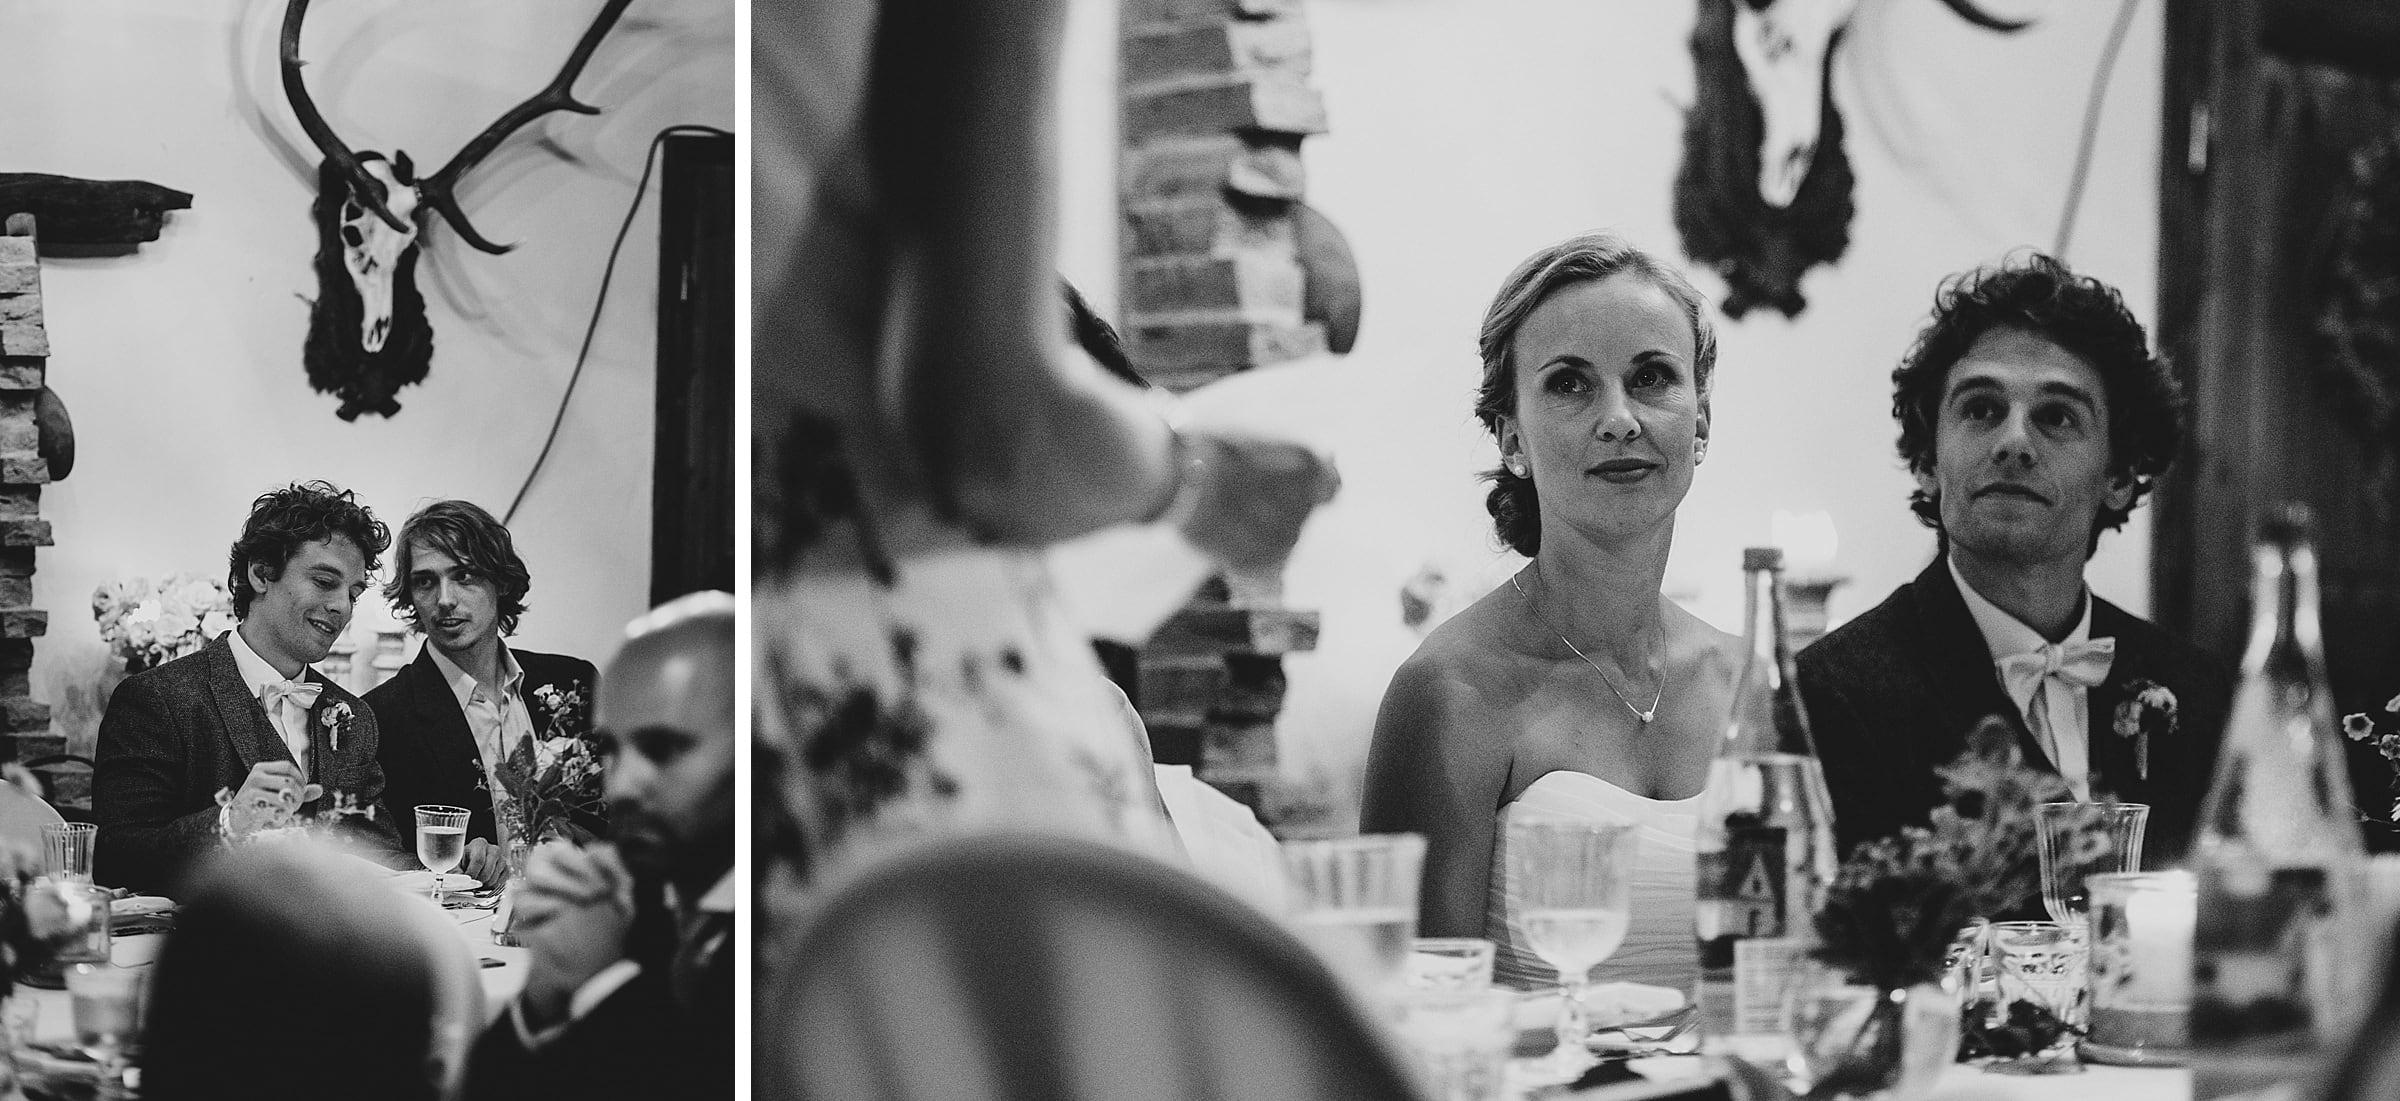 Hochzeitsfotografie-Frau-Siemers-Hof Weihe-Rede eines Gastes-Brautpaar hört zu